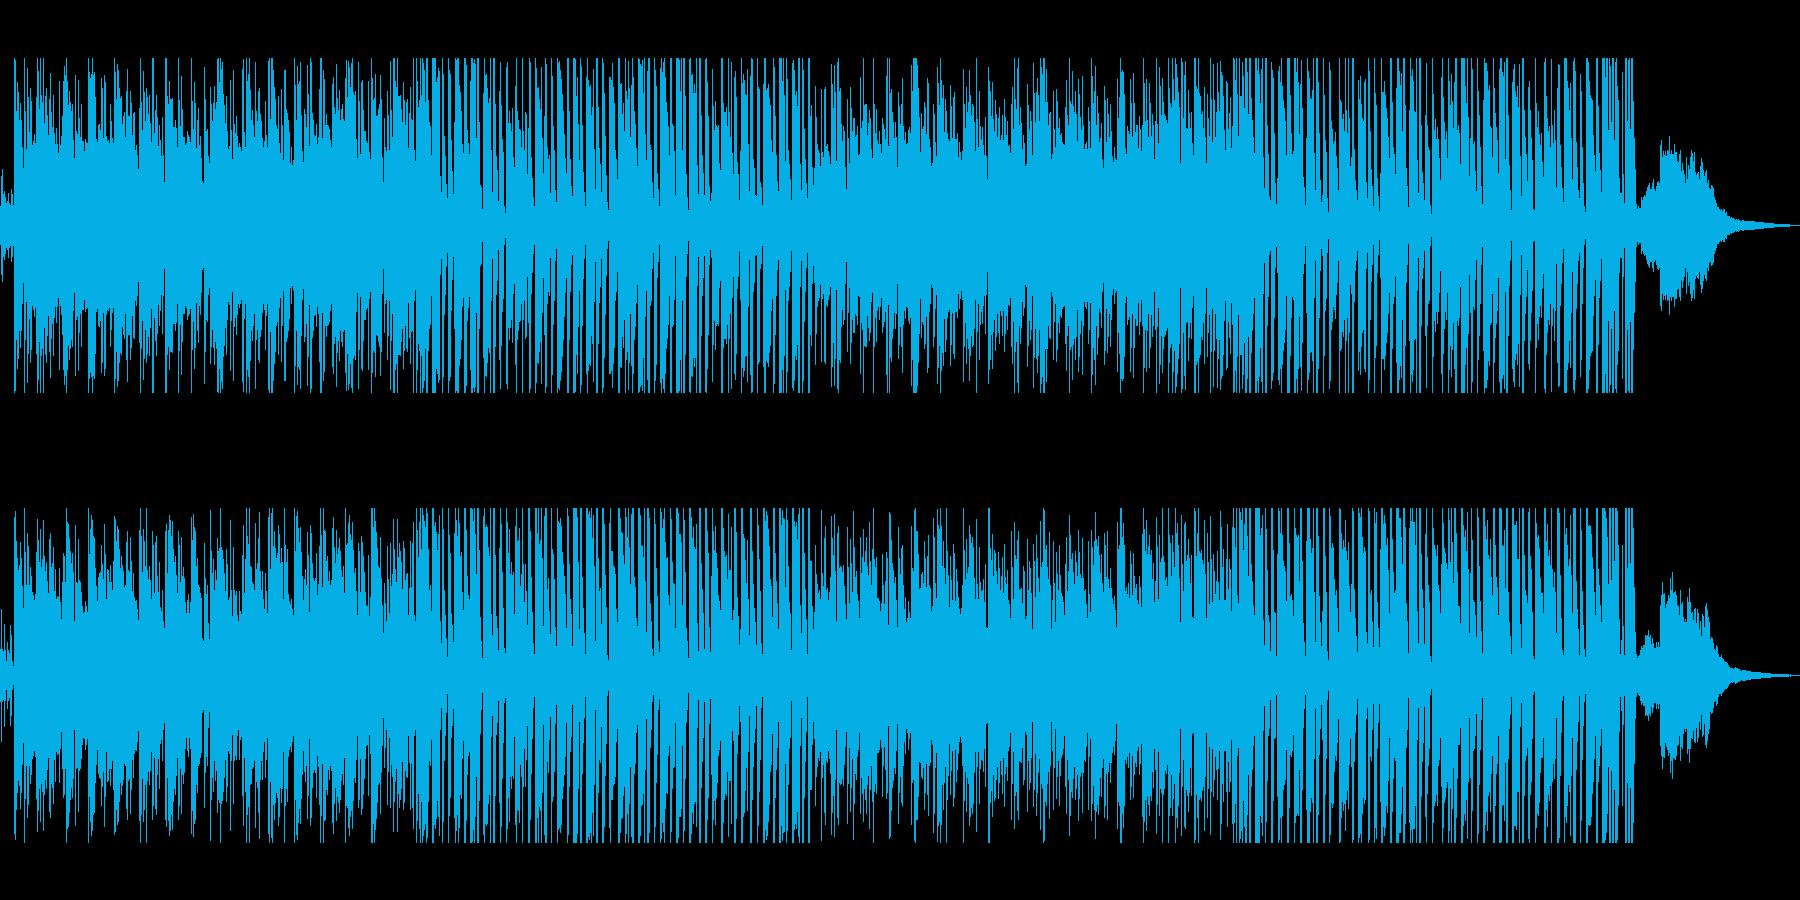 Jazzyでおしゃれなラウンジ風ボサノバの再生済みの波形